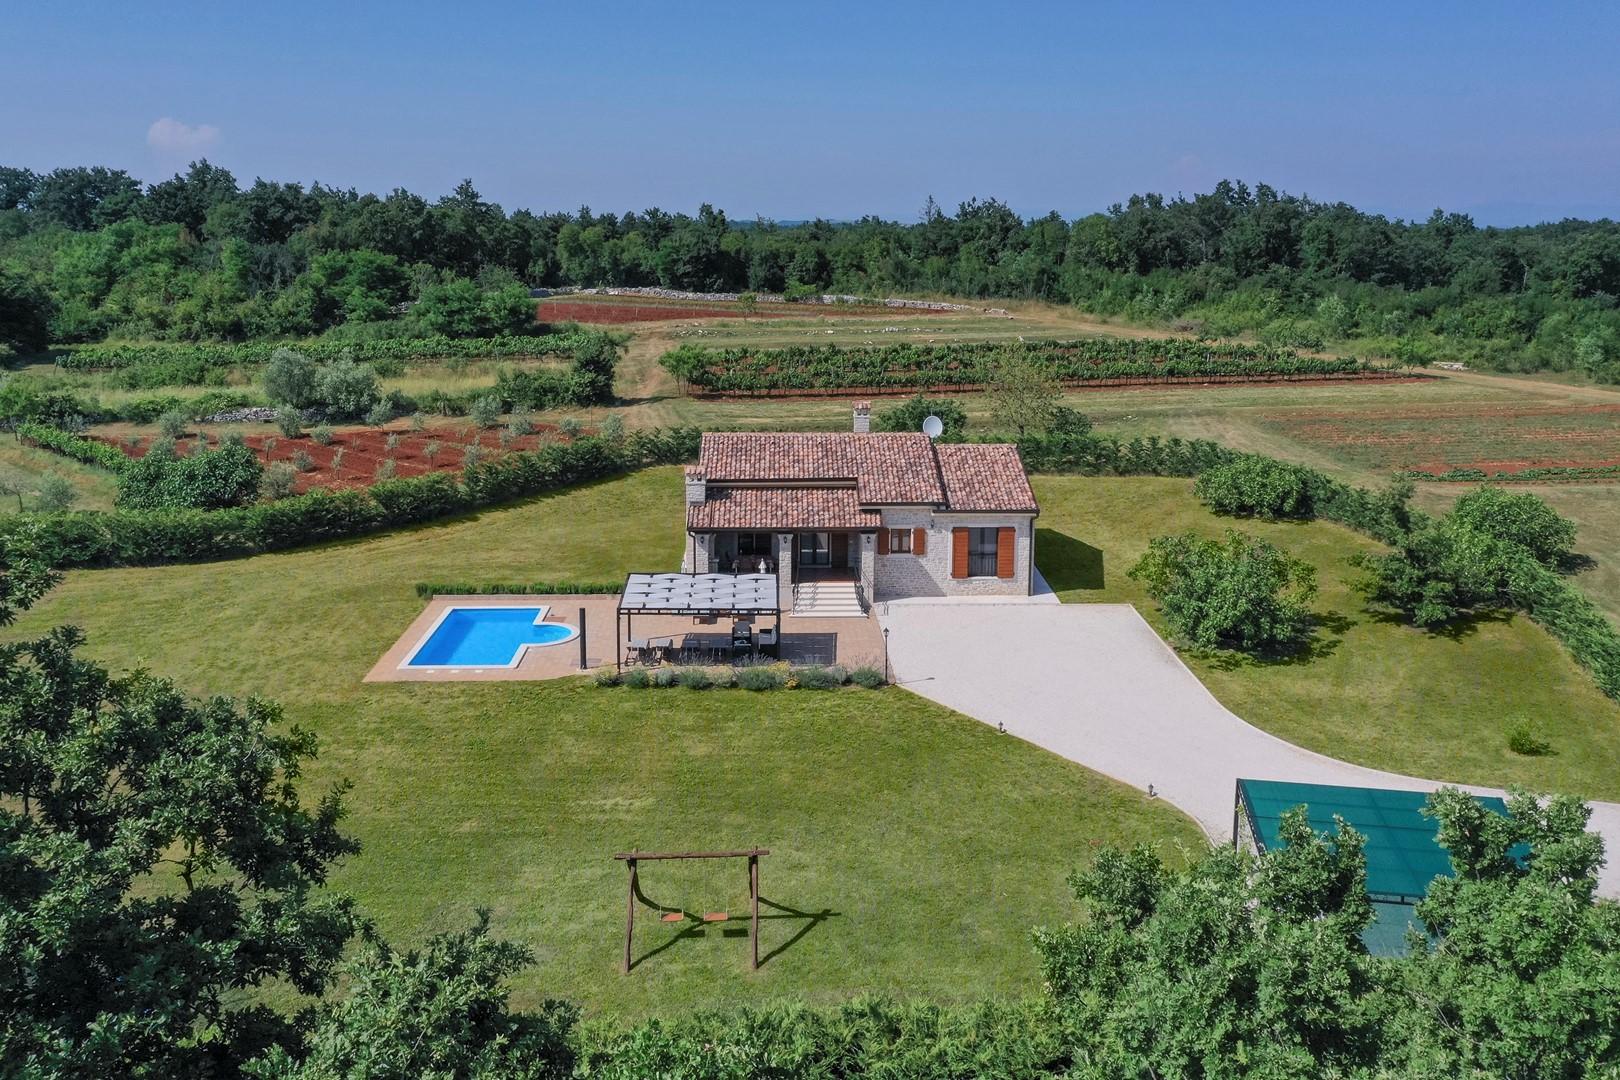 Ferienhaus Villa Elida mit Pool in abgelegene Lage - Zentral-Istrien (2789996), Pazin, , Istrien, Kroatien, Bild 40